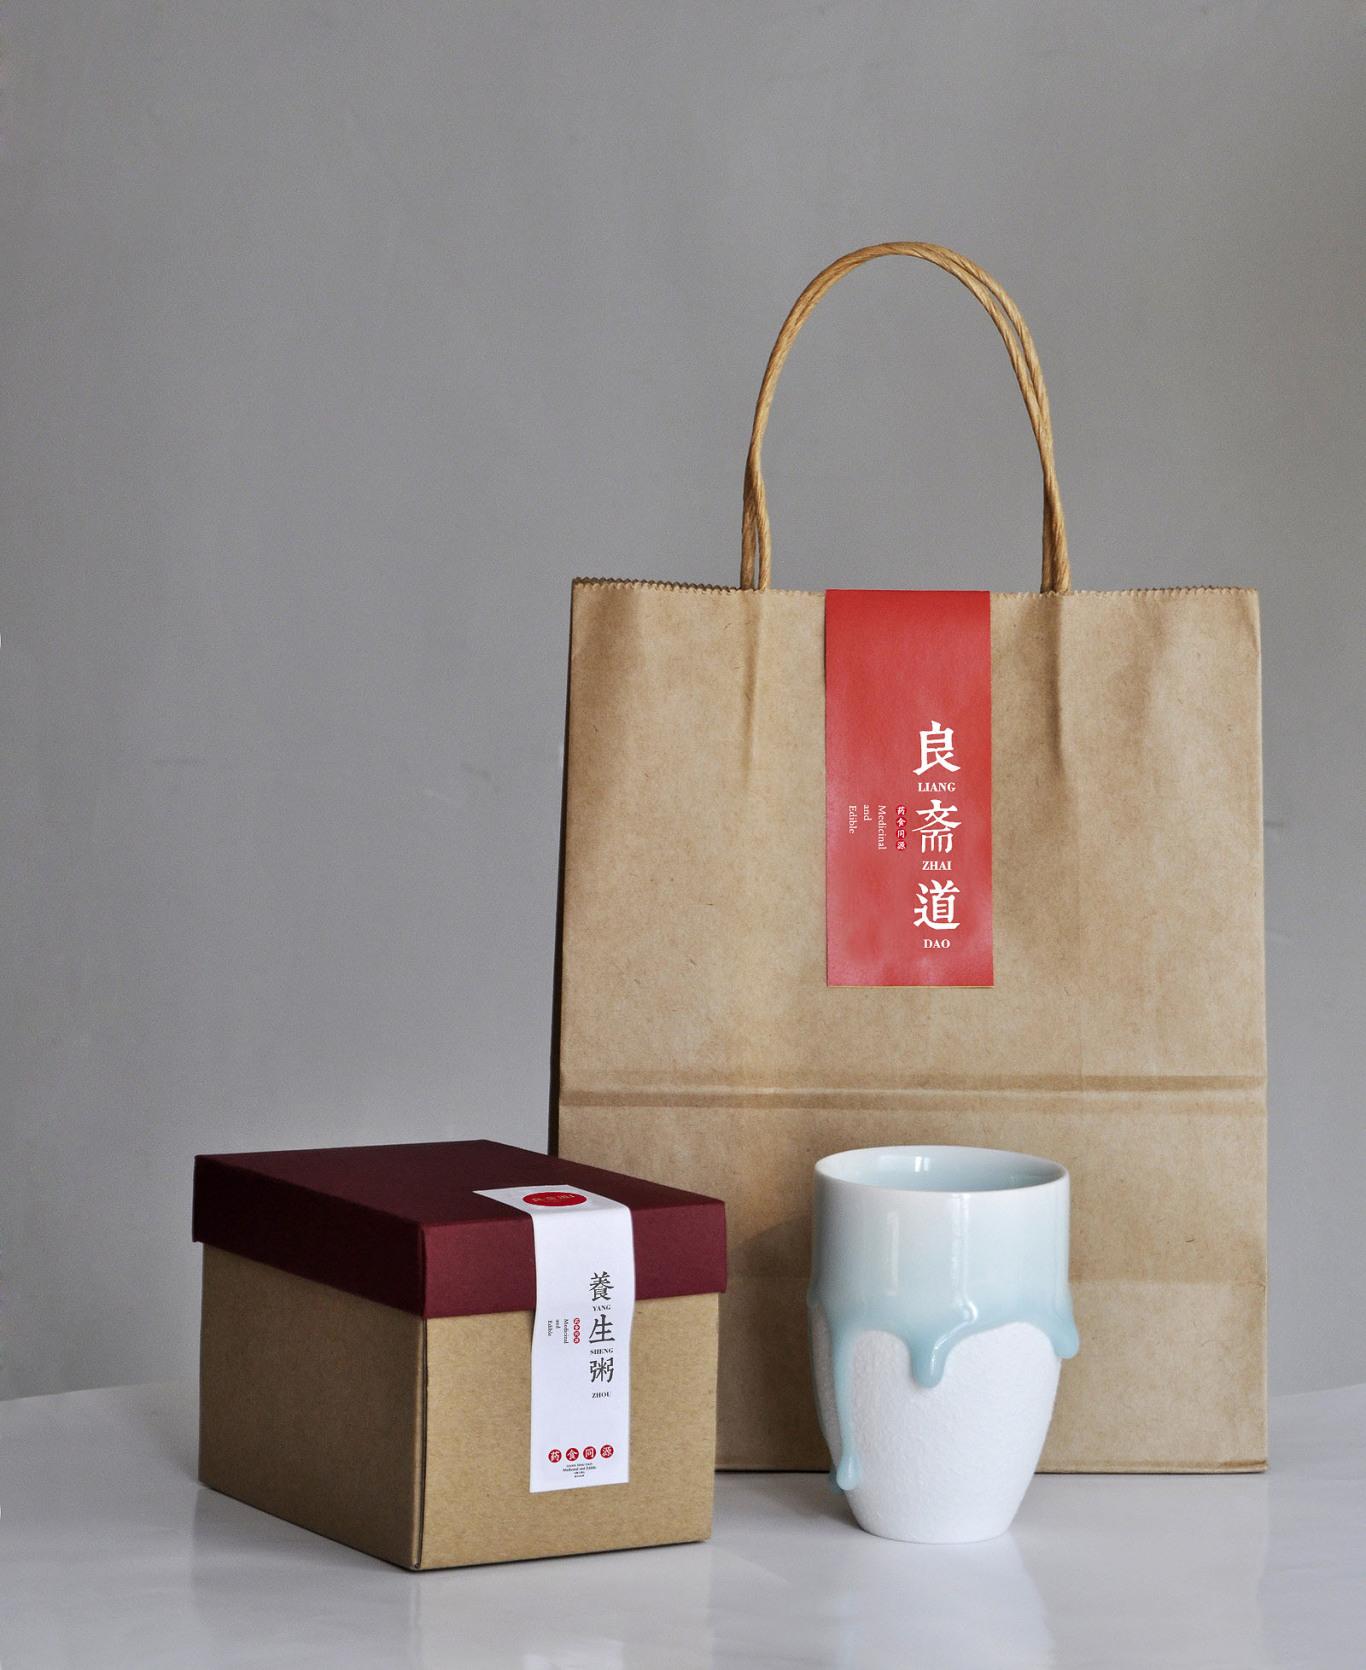 良斋道药食同源品牌咨询与LogoVIS设计包装设计图6